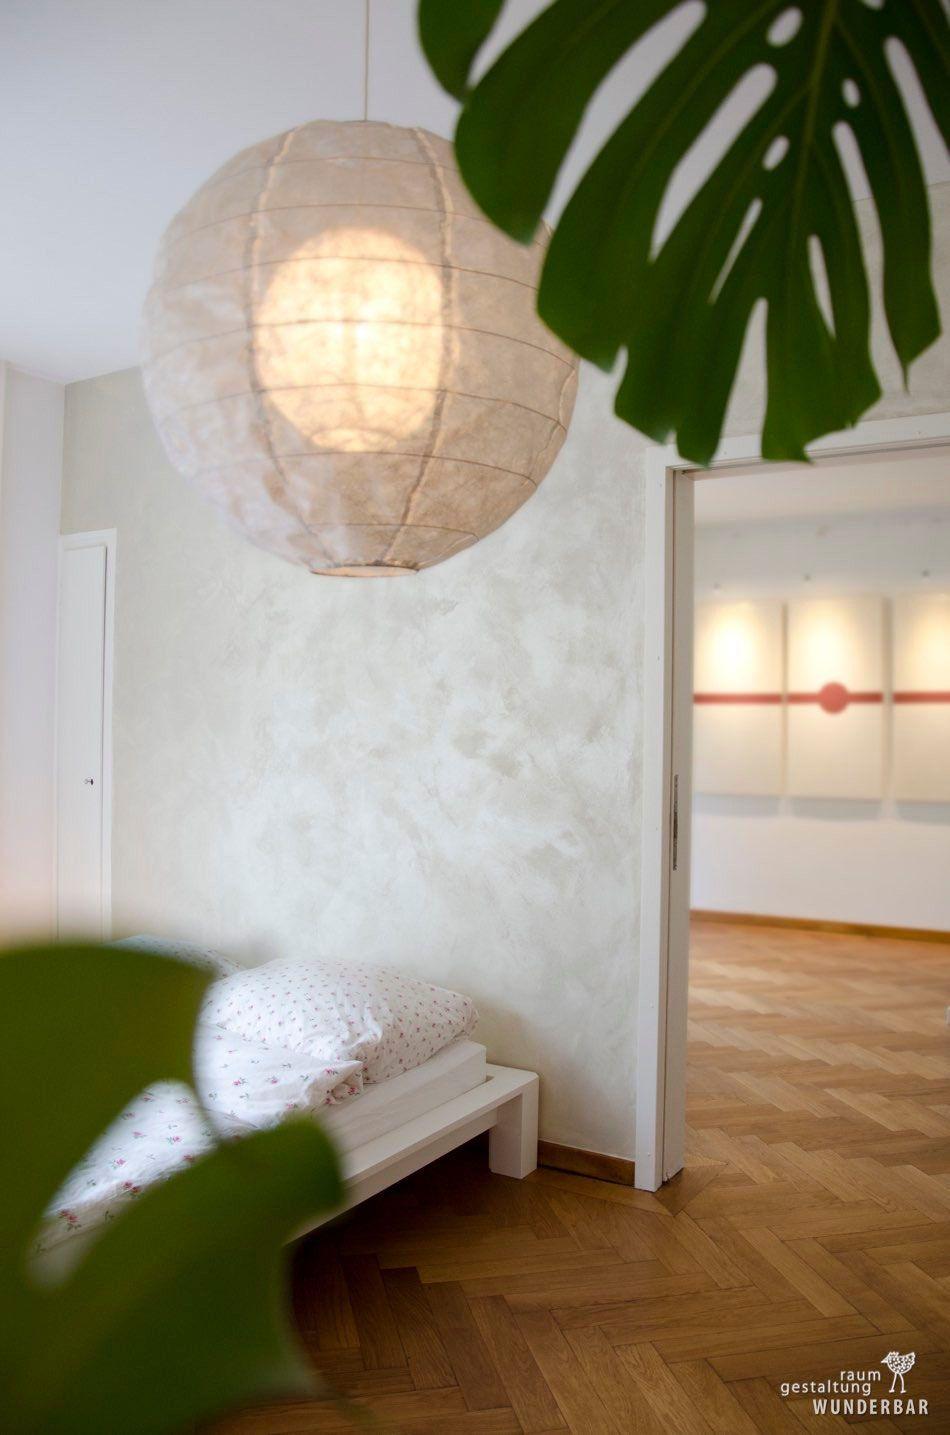 Umweltfreundliche Wandgestaltungen Für Farbige Wände Im Wohnzimmer. Finde  Kreative Wohnideen Und Spezielle Wände Aus Putz